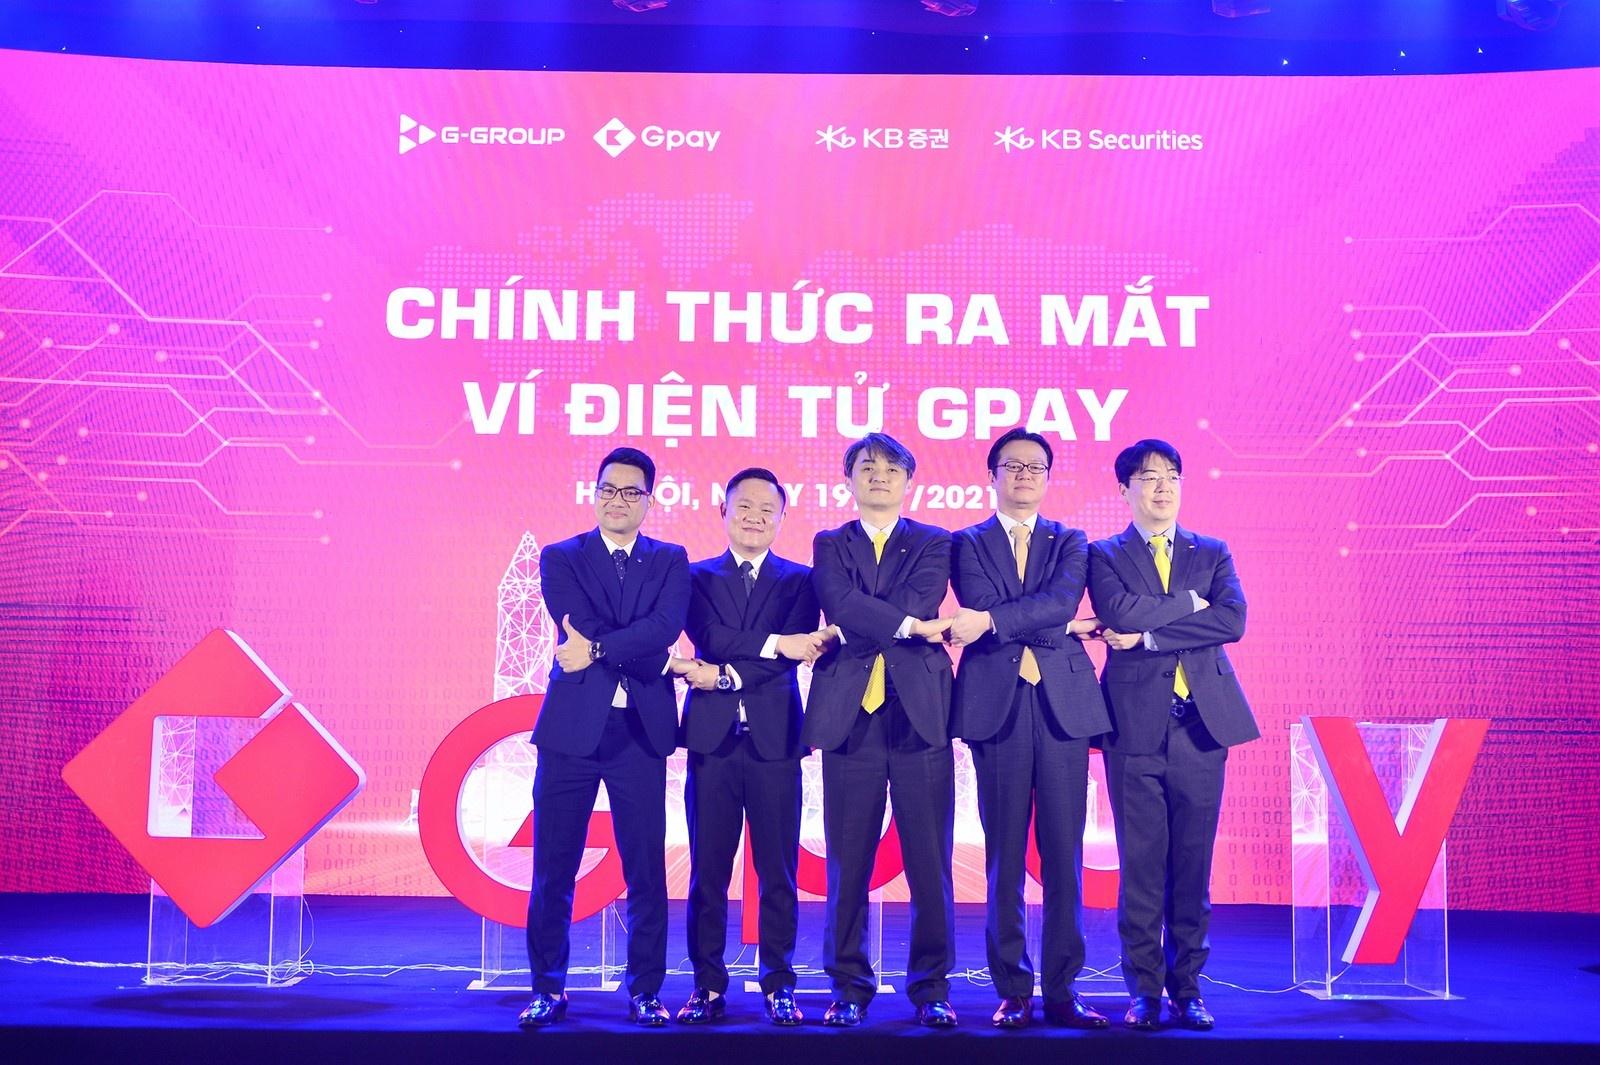 Ra mắt ví điện tử Gpay